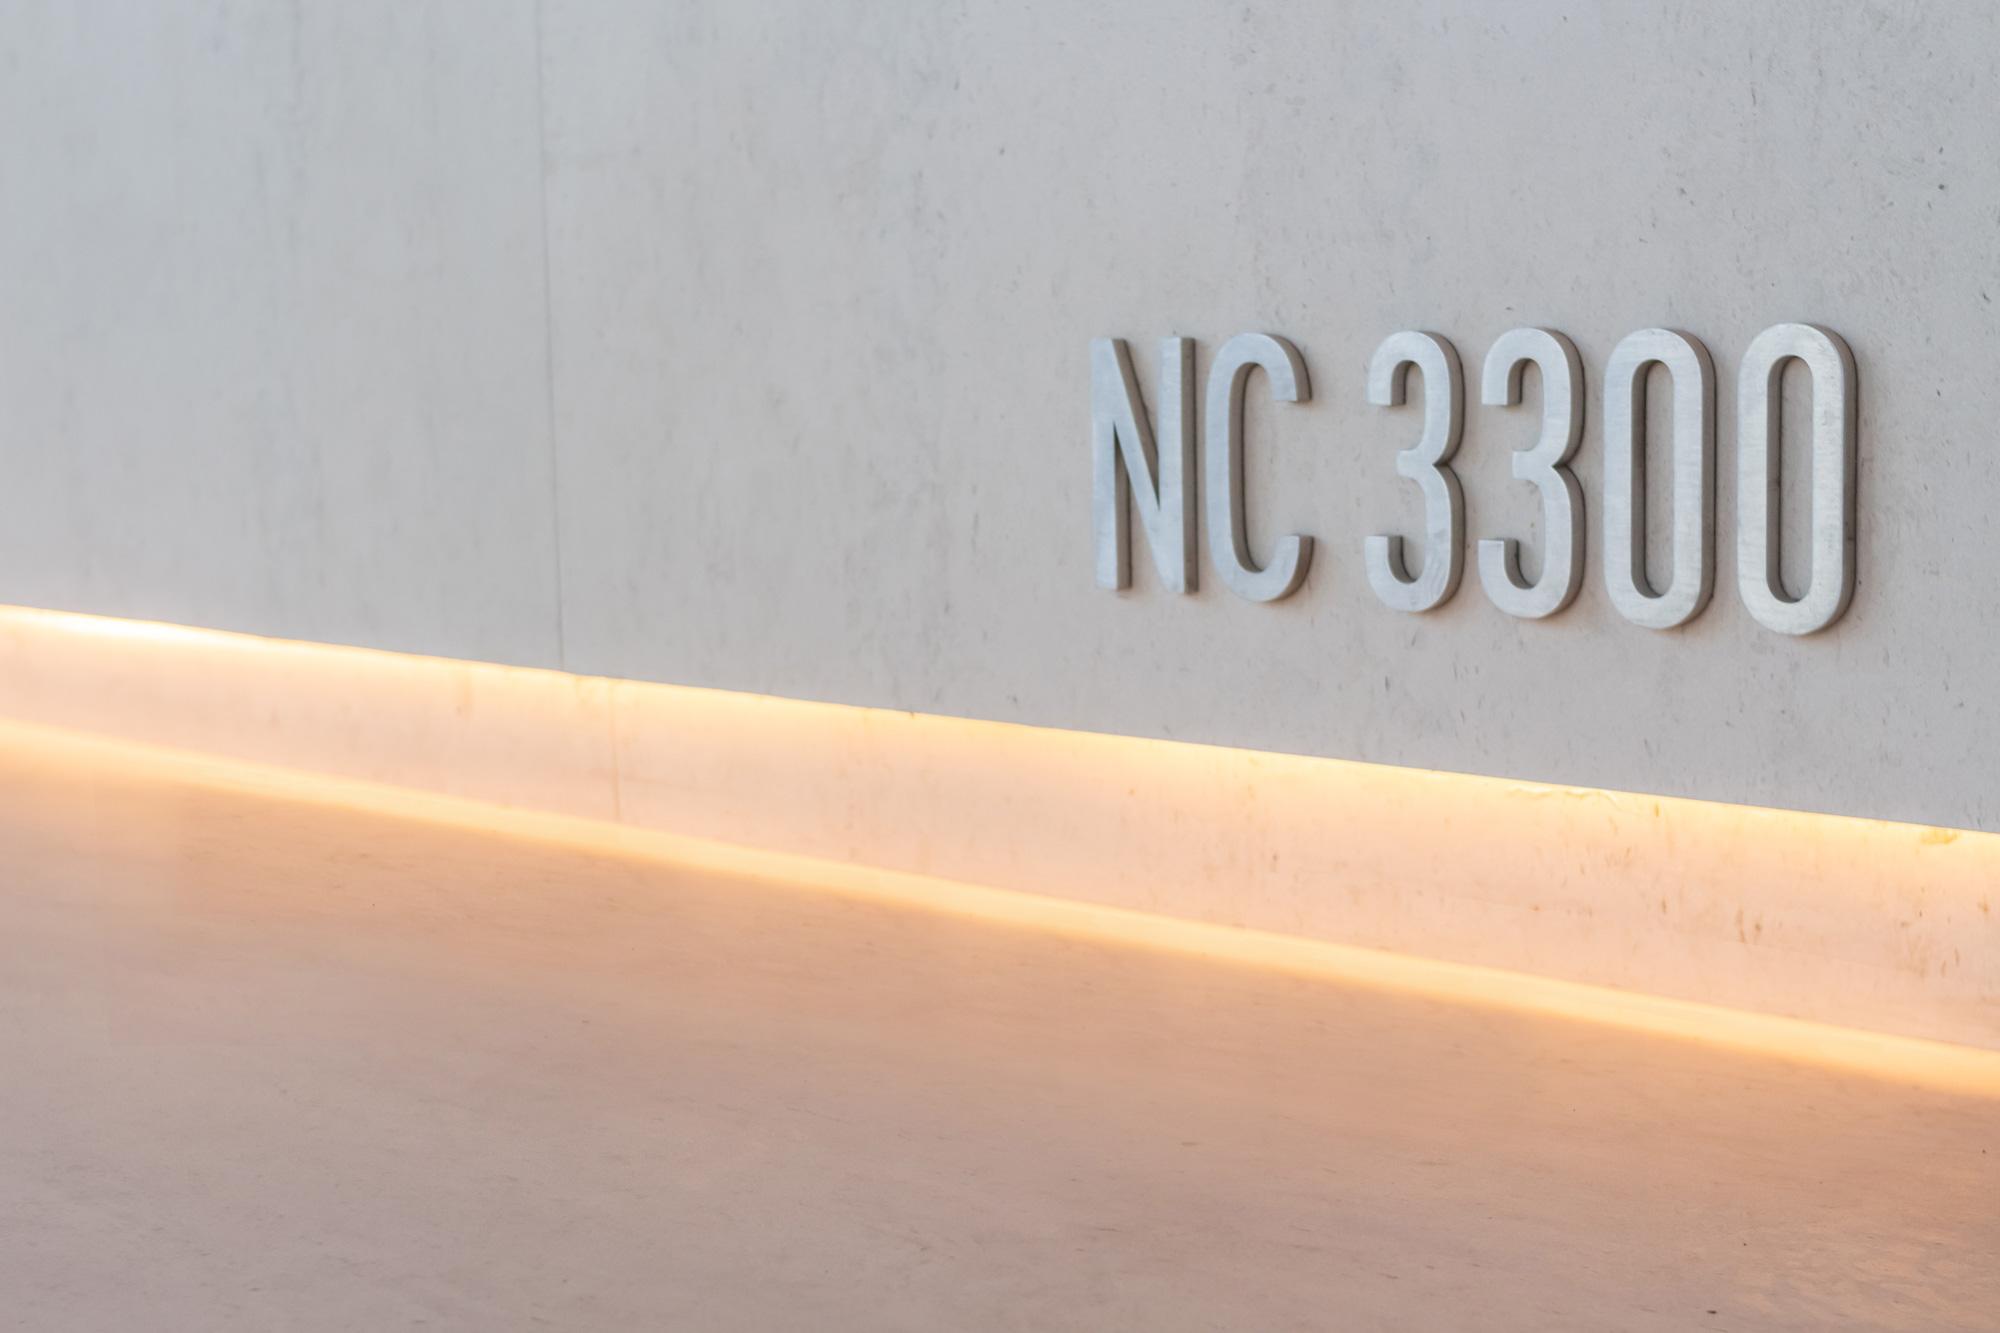 NC3300  - NC3300 4 61